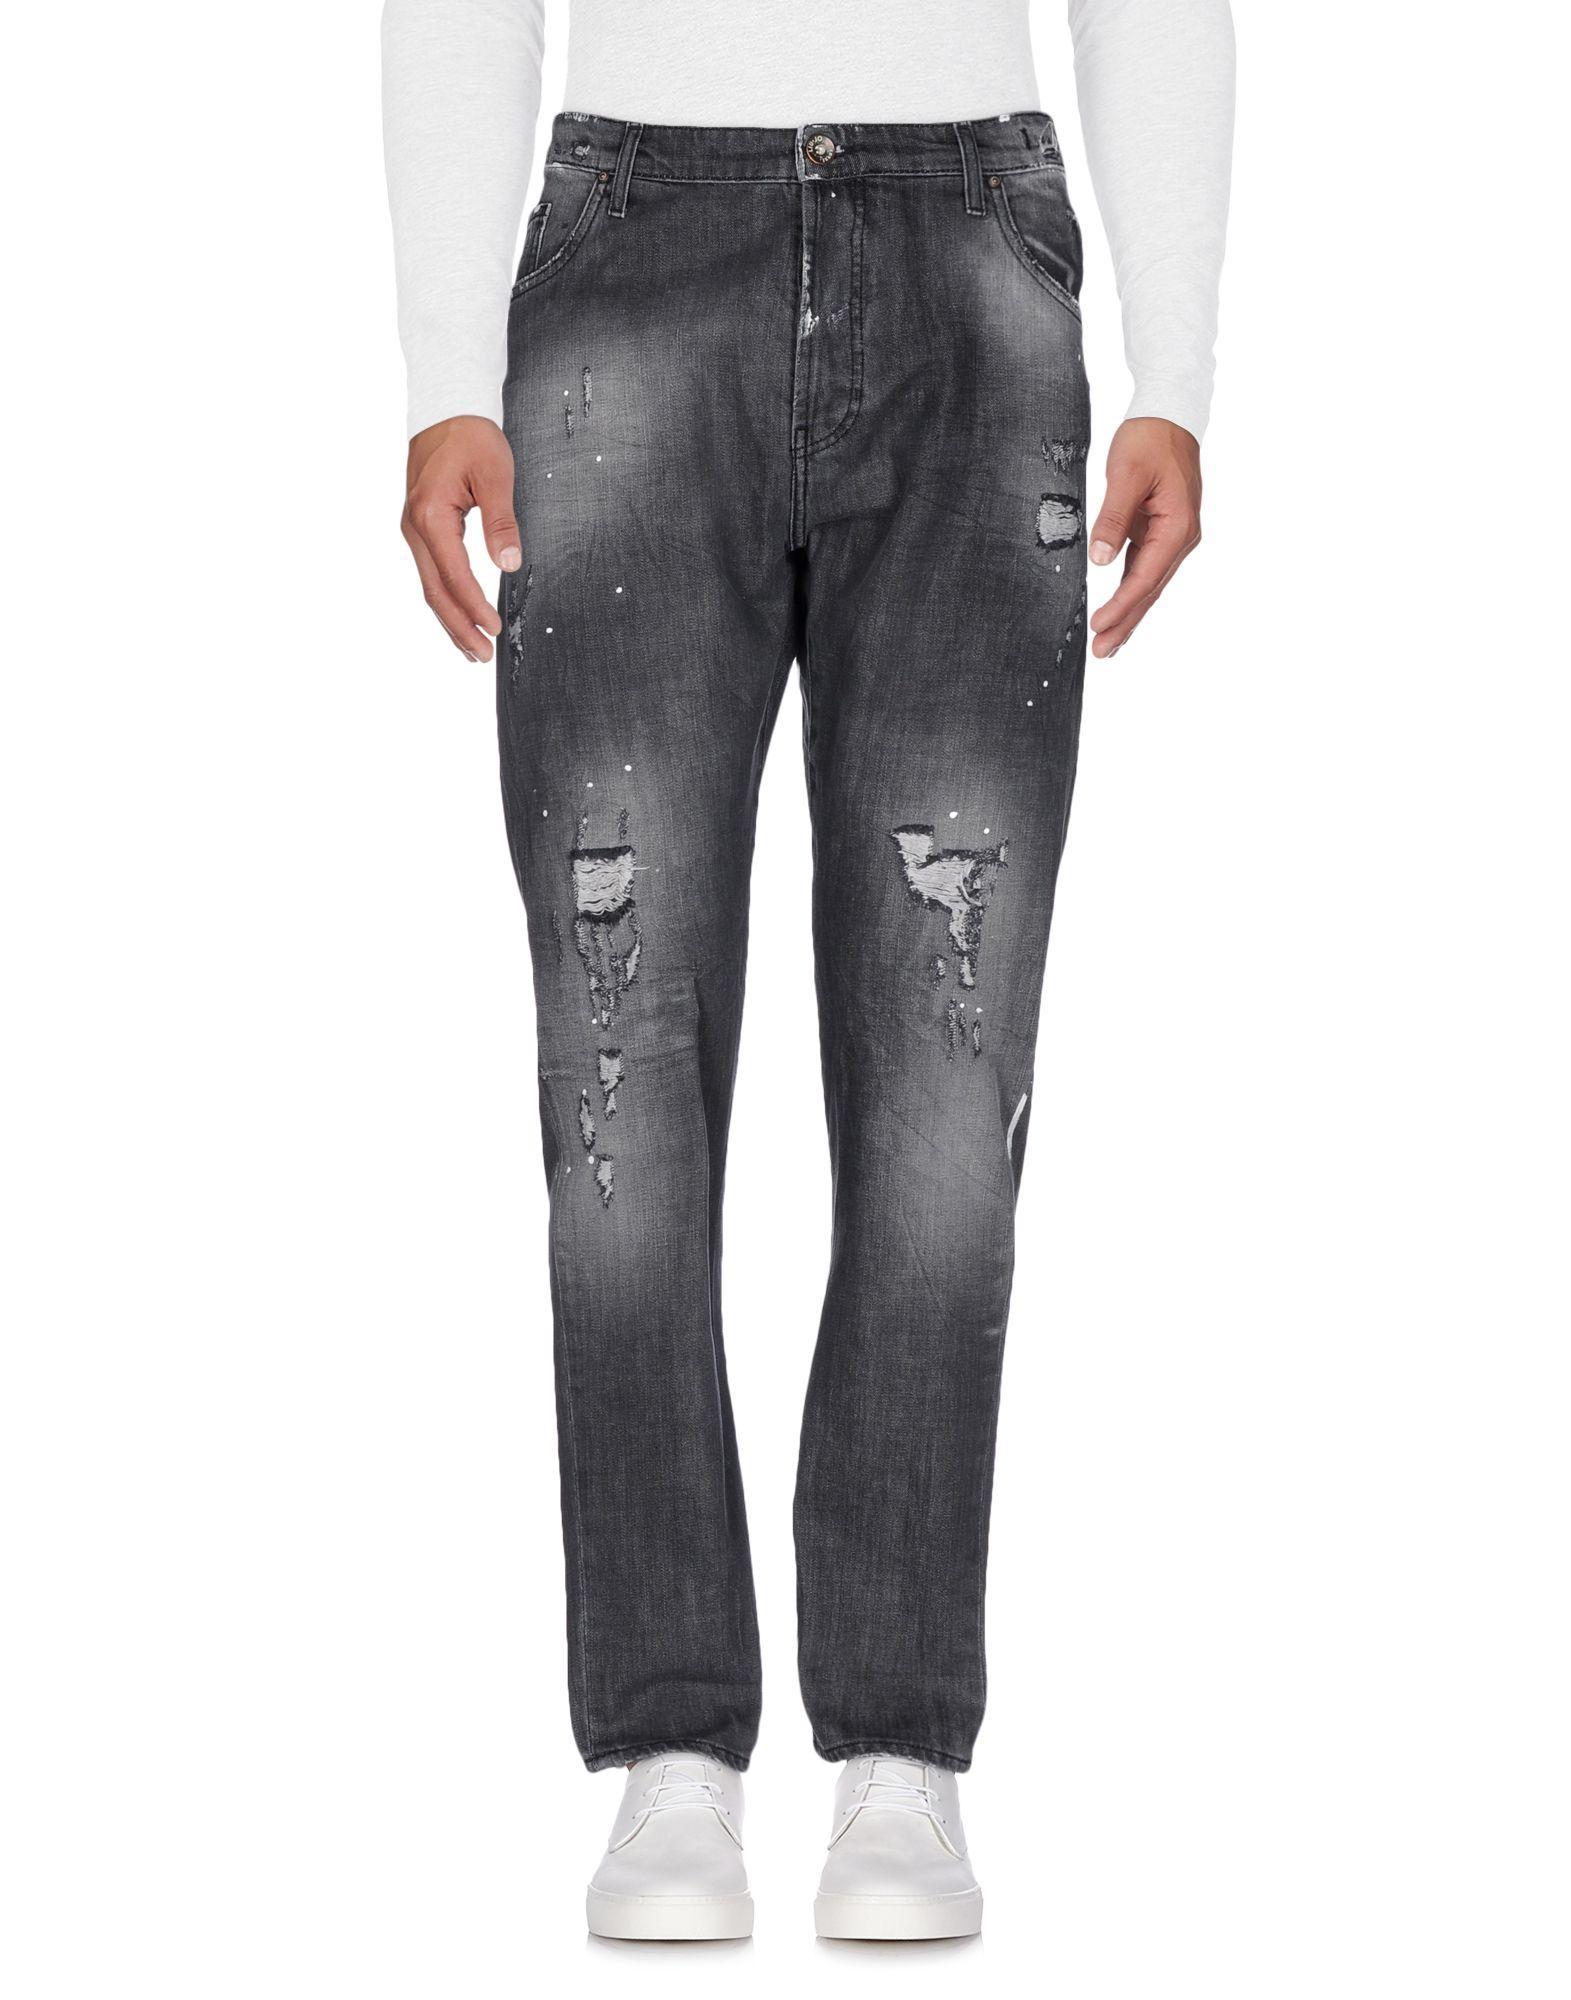 Liu •jo Denim Pants In Steel Grey